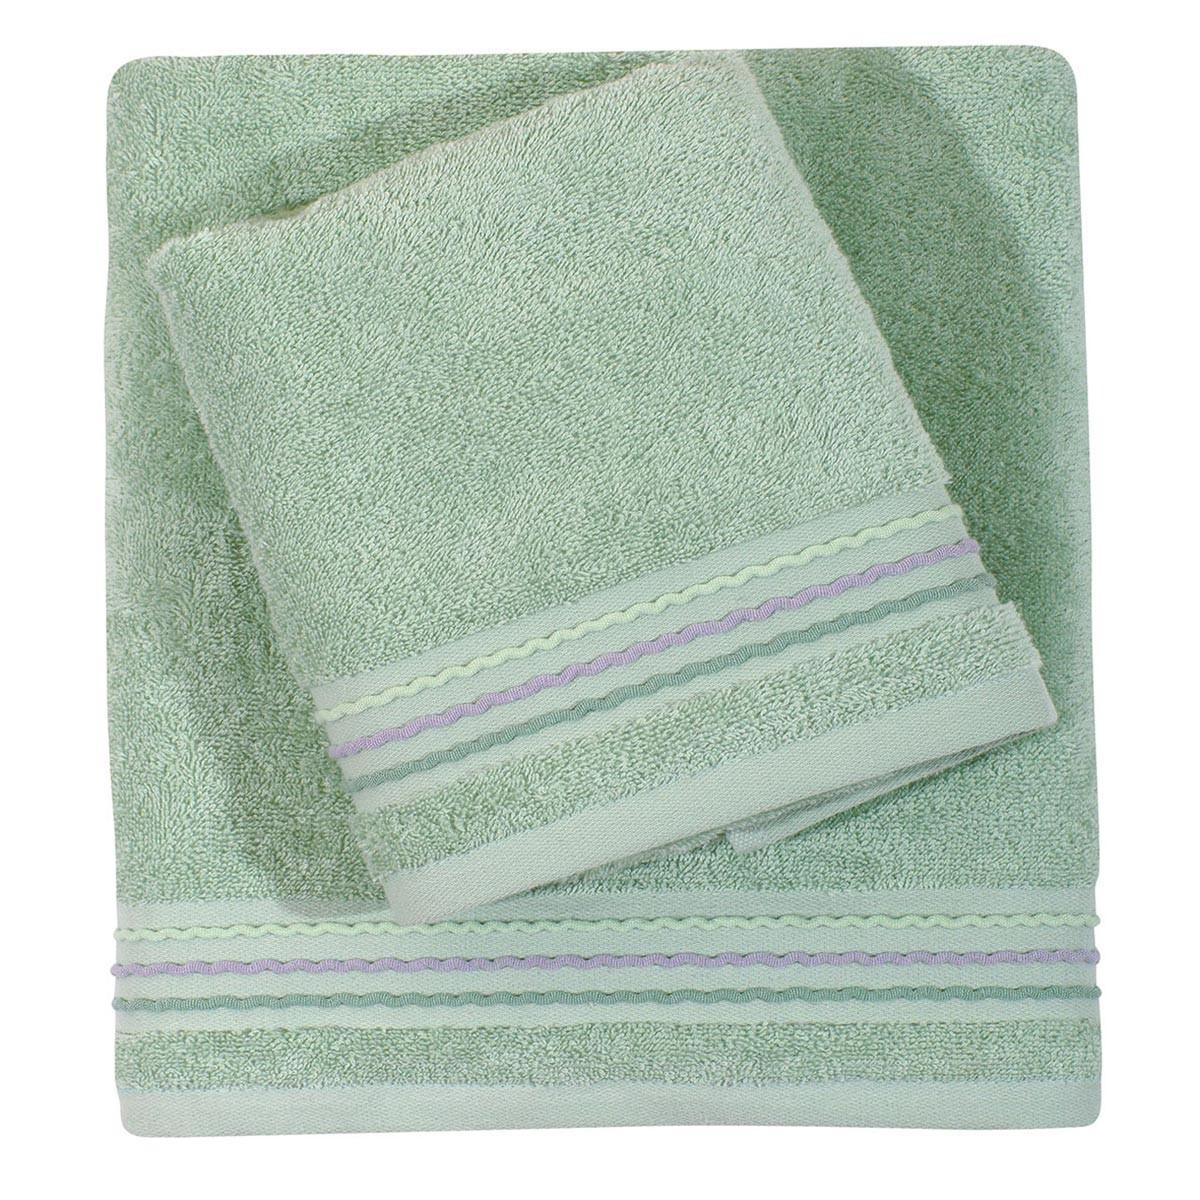 Πετσέτες Μπάνιου (Σετ 3τμχ) Das Home Best Towels 306